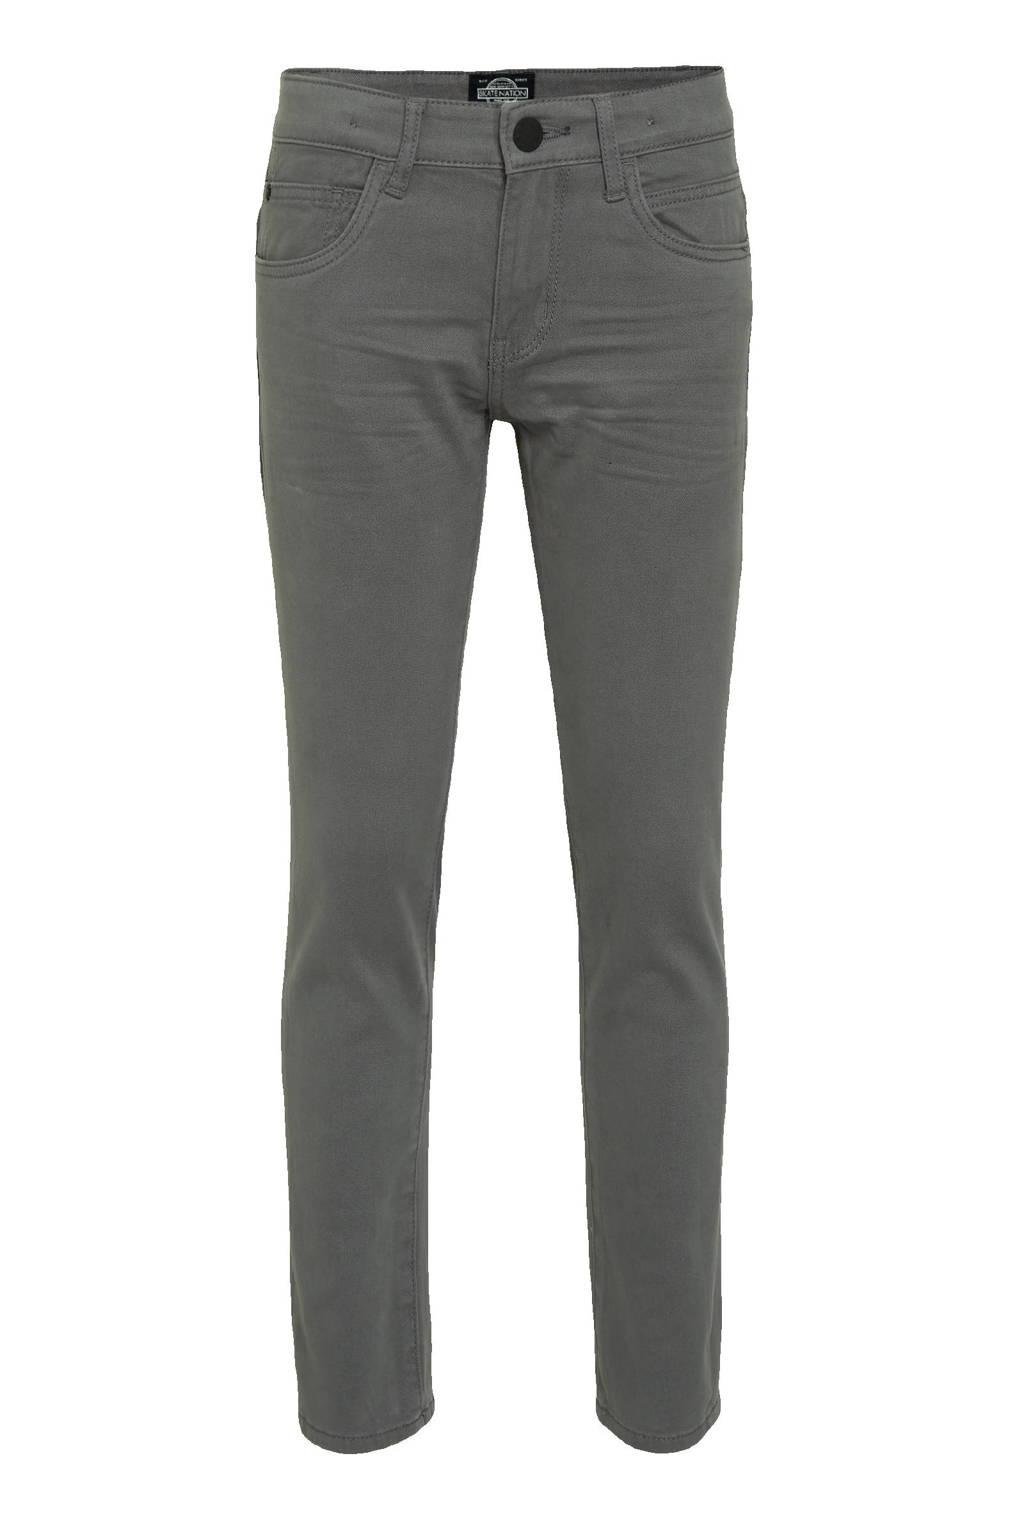 C&A Skate Nation skinny jeans grijs, Grijs